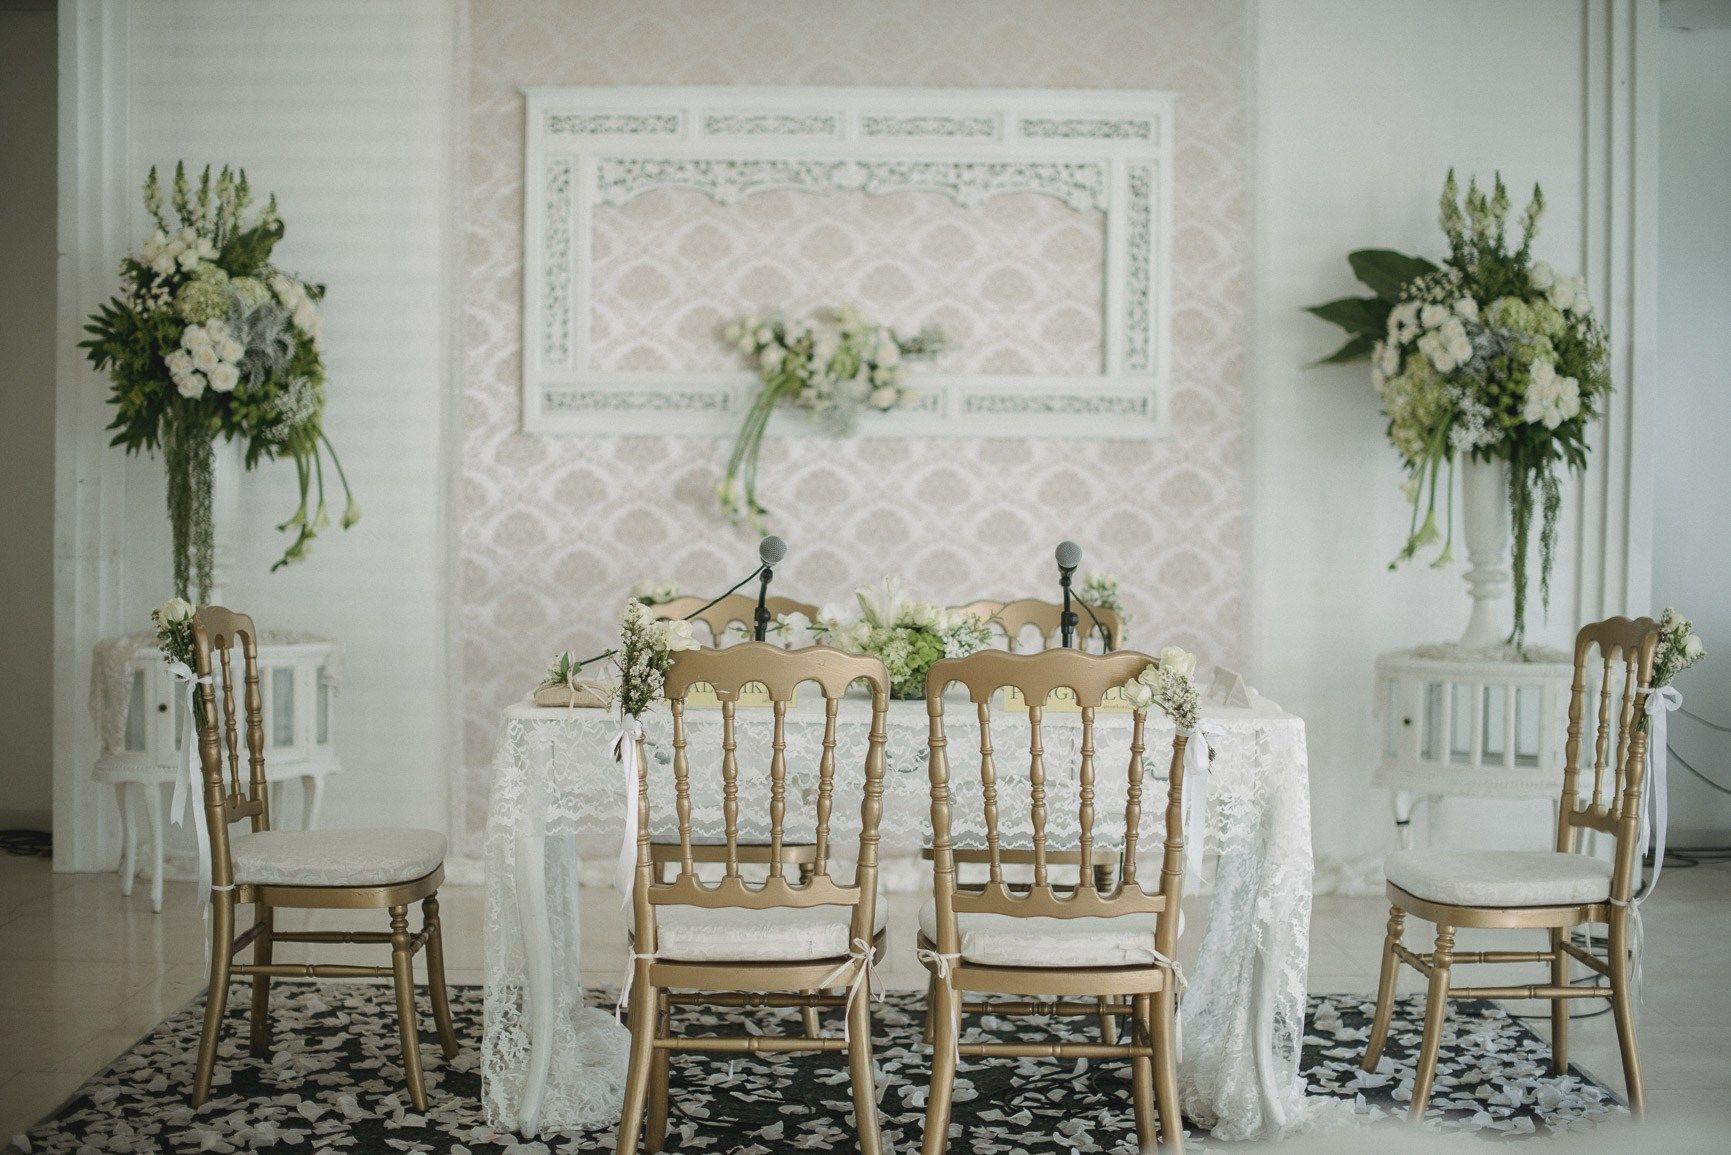 Outdoor wedding at gedong putih ala anindya and aiken outdoor wedding at gedong putih ala anindya and aiken junglespirit Choice Image